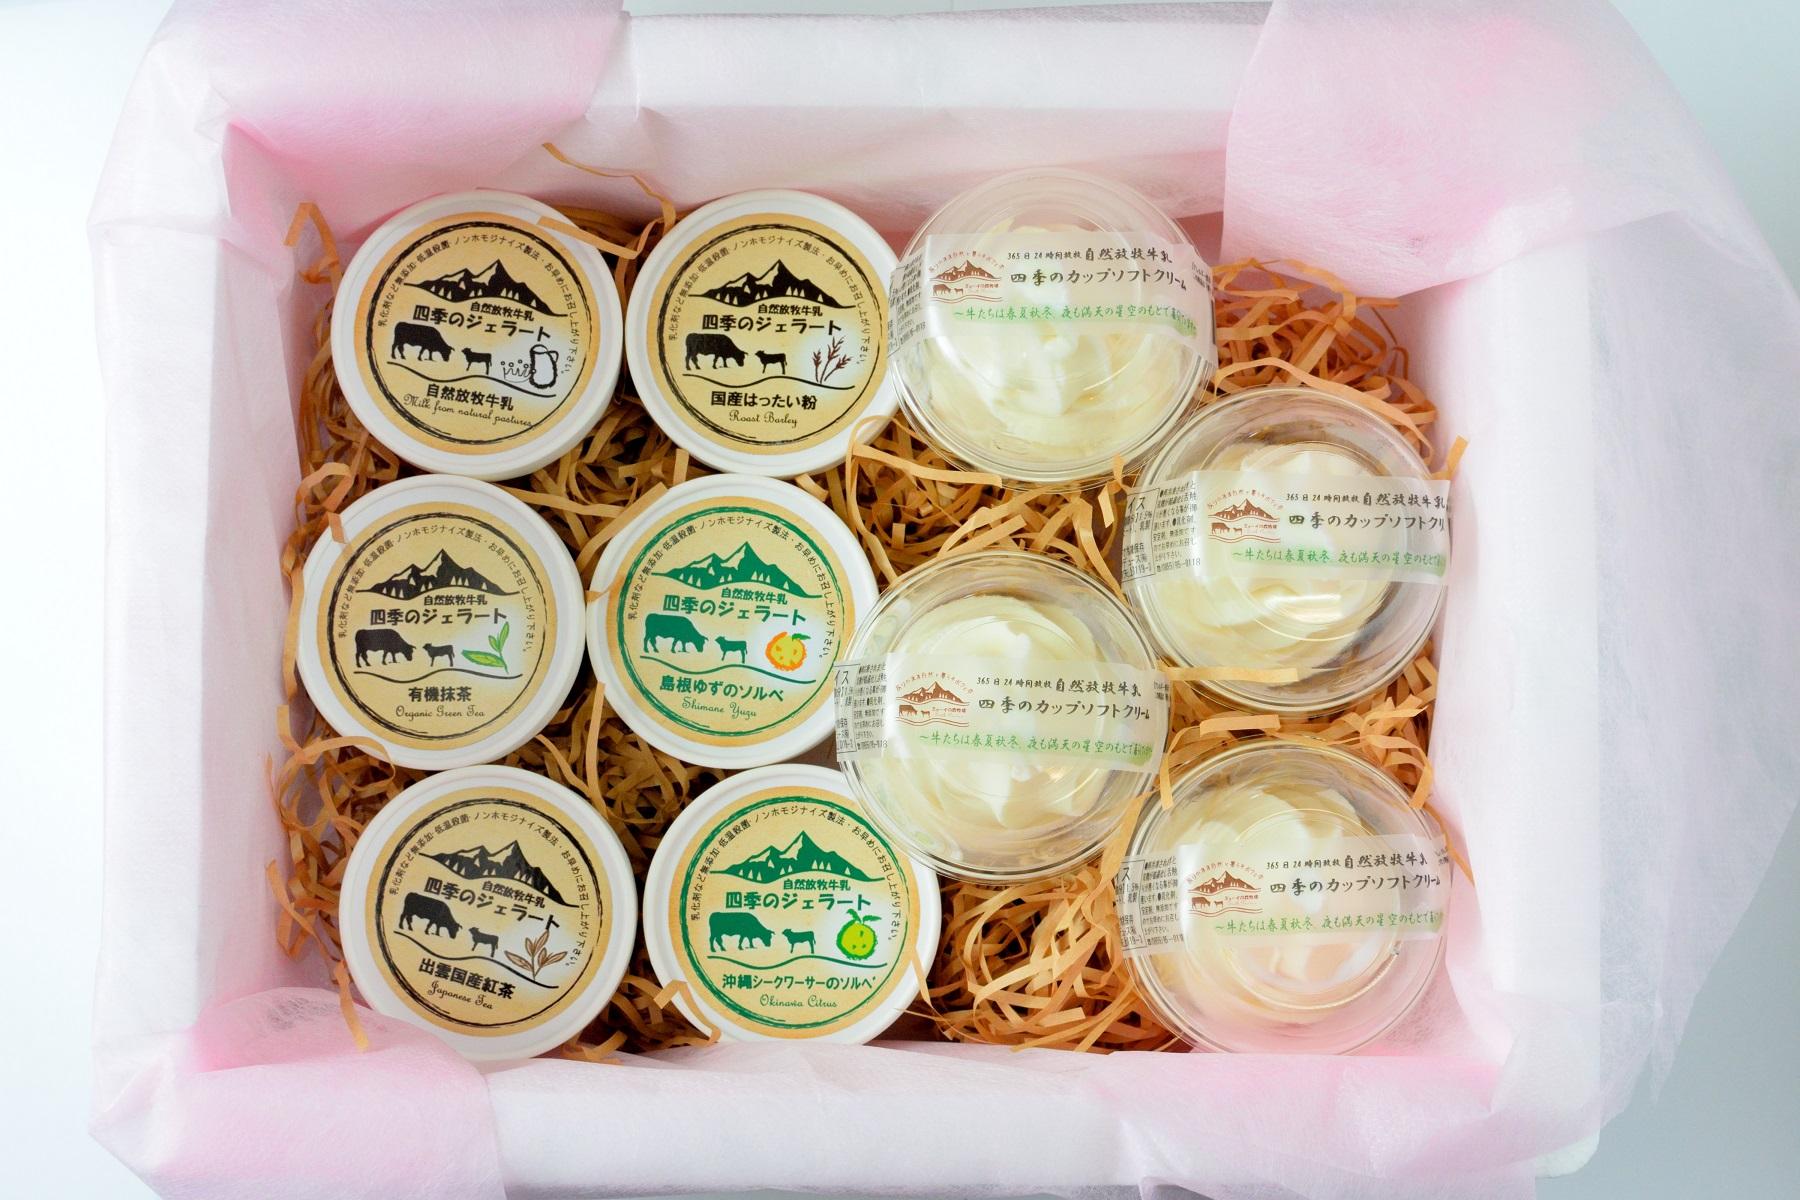 【自然放牧生乳】 無添加アイスのバラエティーセット10個入り(カップソフト×4、ジェラート×6)画像